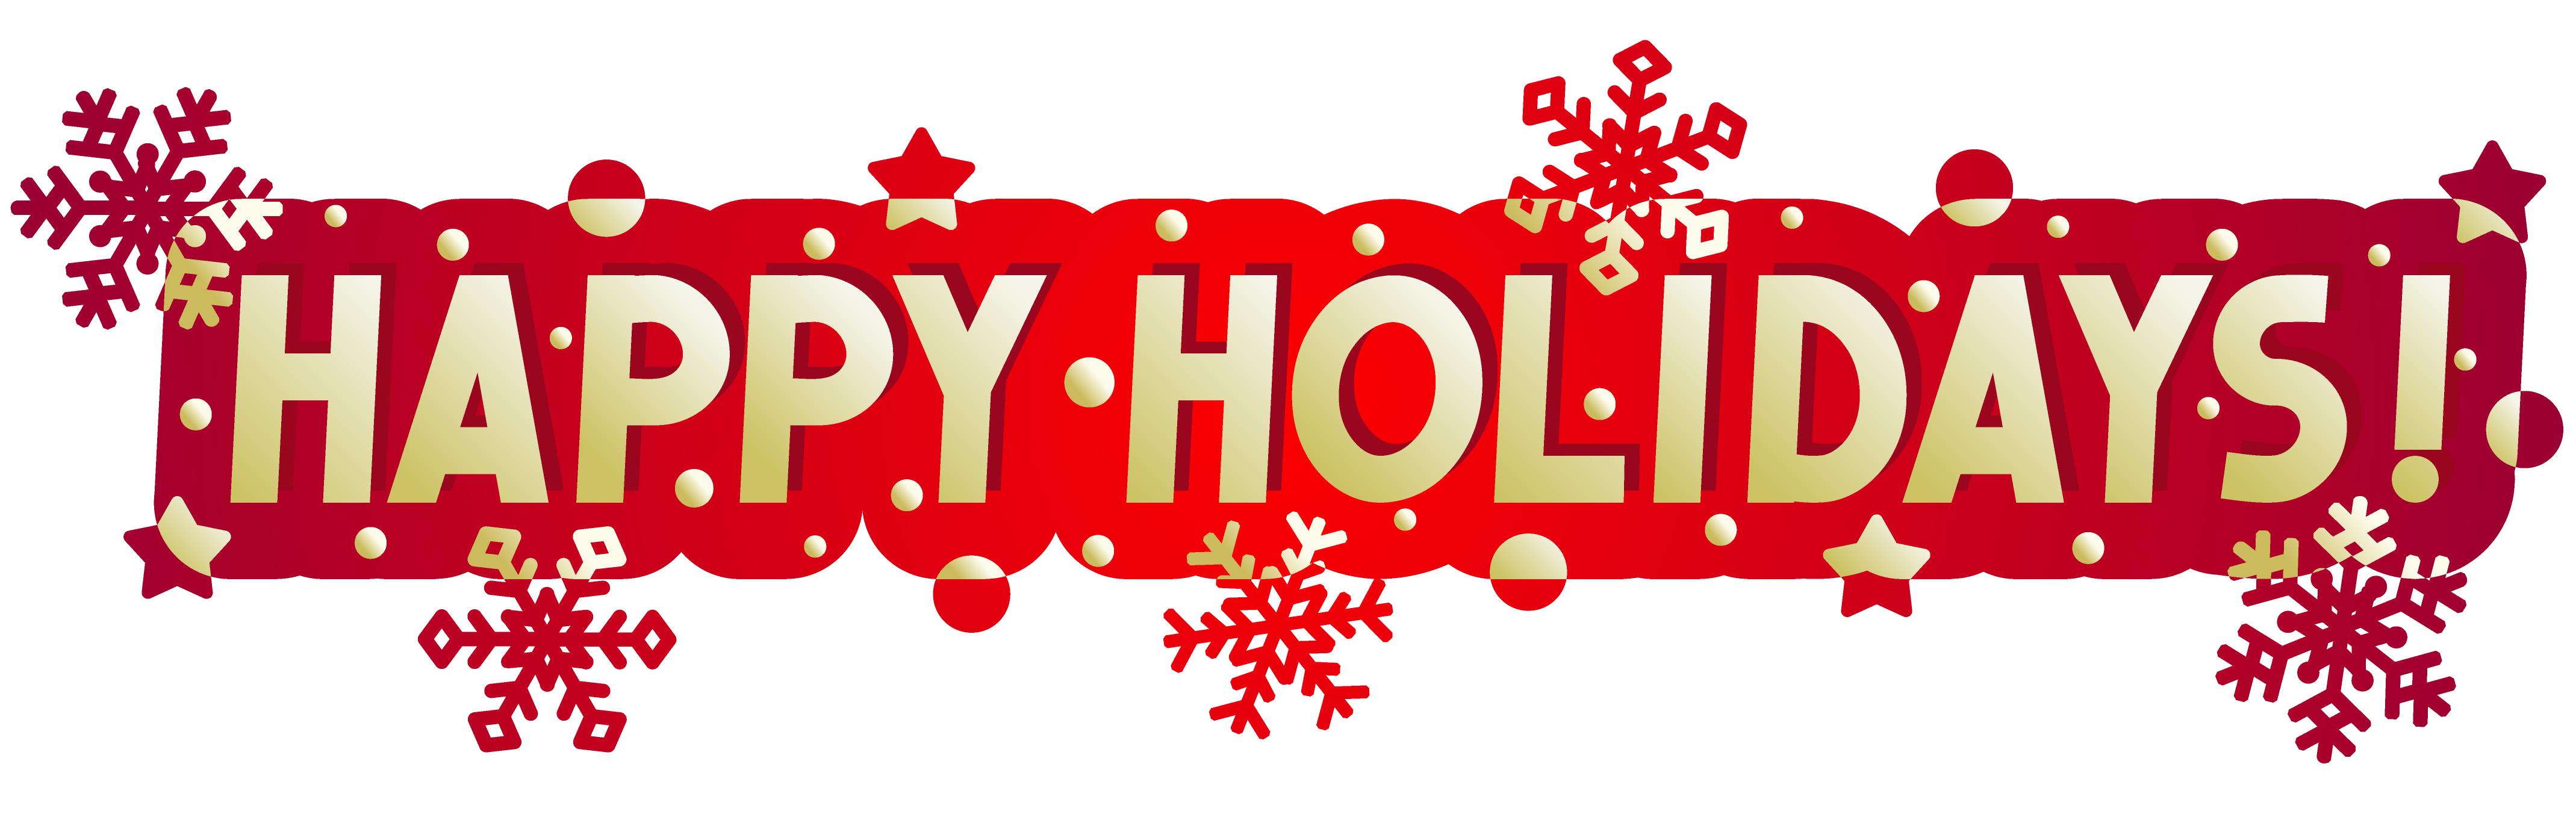 Happy Holidays Clip Art . Facebook ... H-happy holidays clip art . Facebook ... Happy holidays .-7